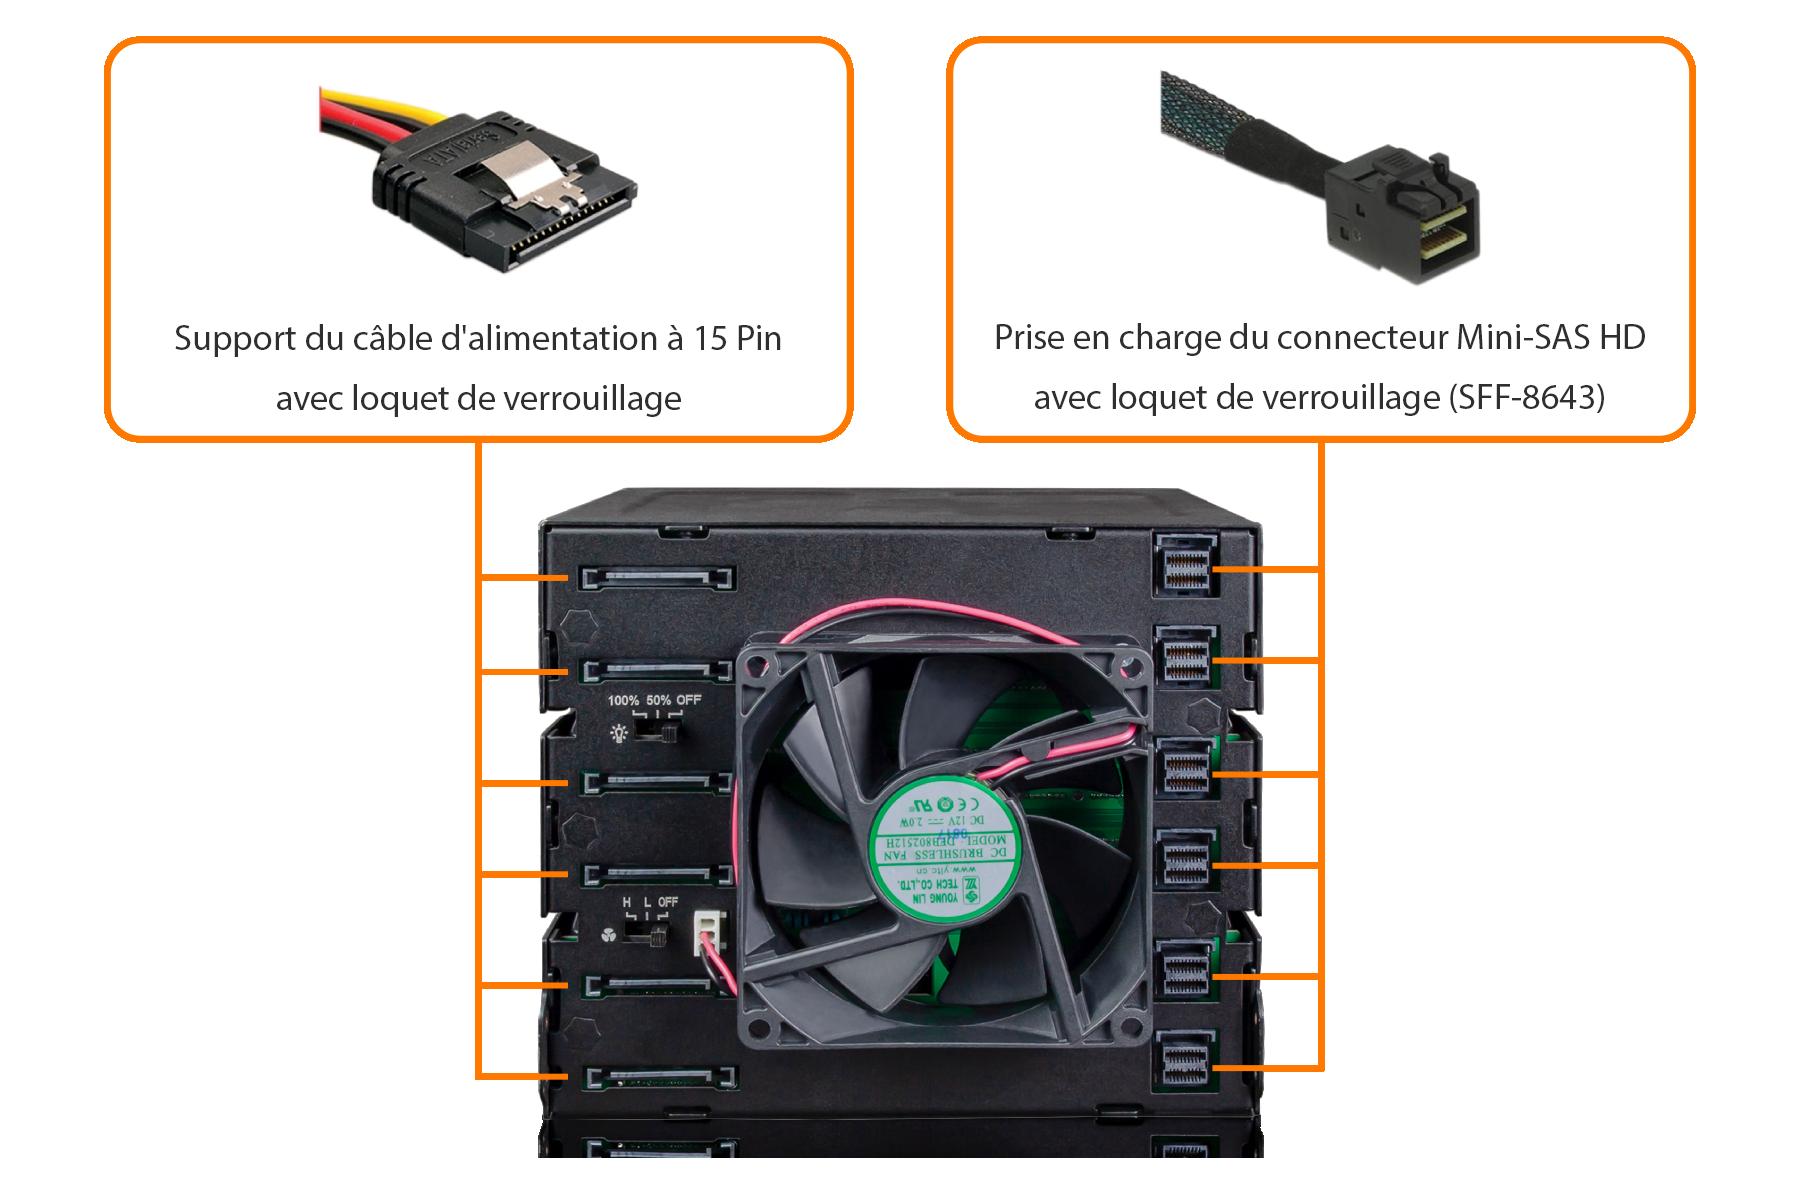 Photo du support de cable d'alimentation à 15 PIN et de la prise ne charge du connecteur MINI-SAS HD